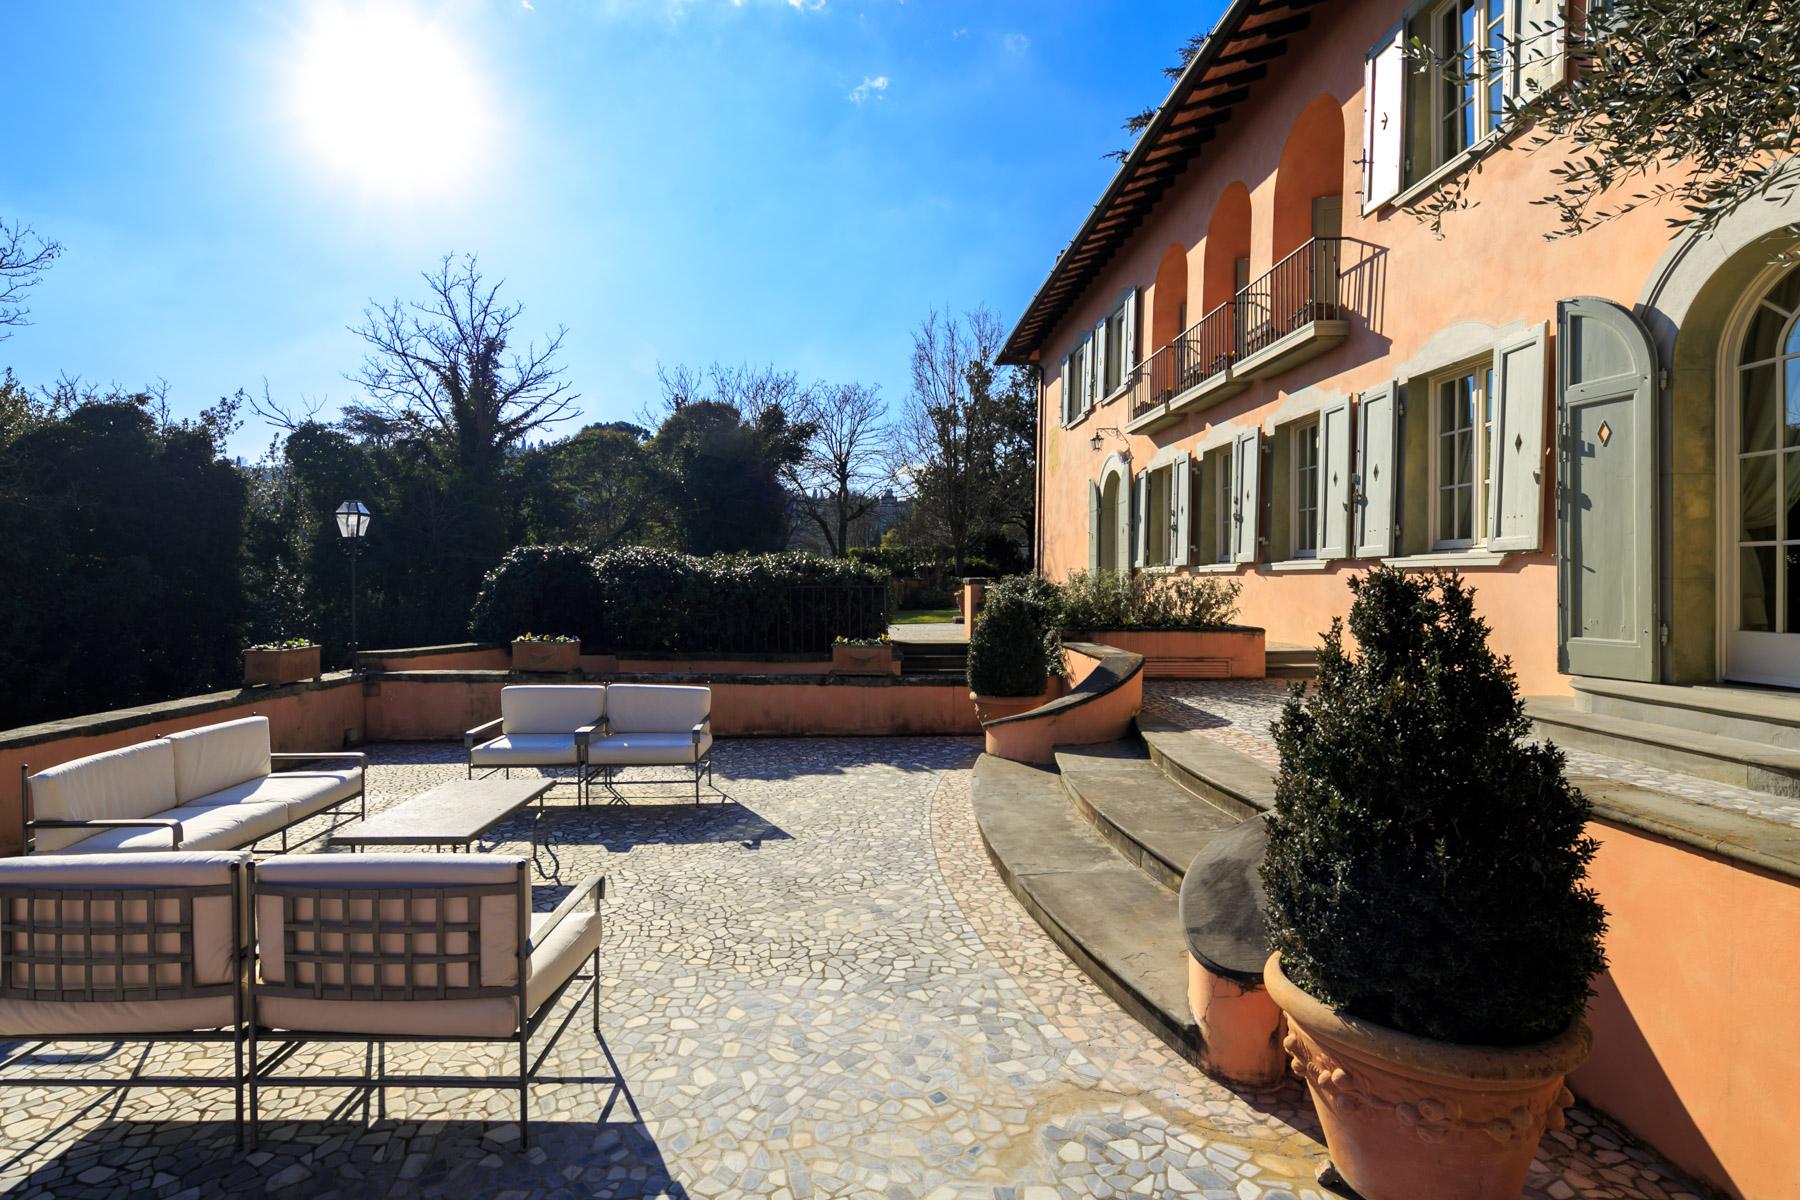 Villa in Vendita a Firenze via viale michelangiolo